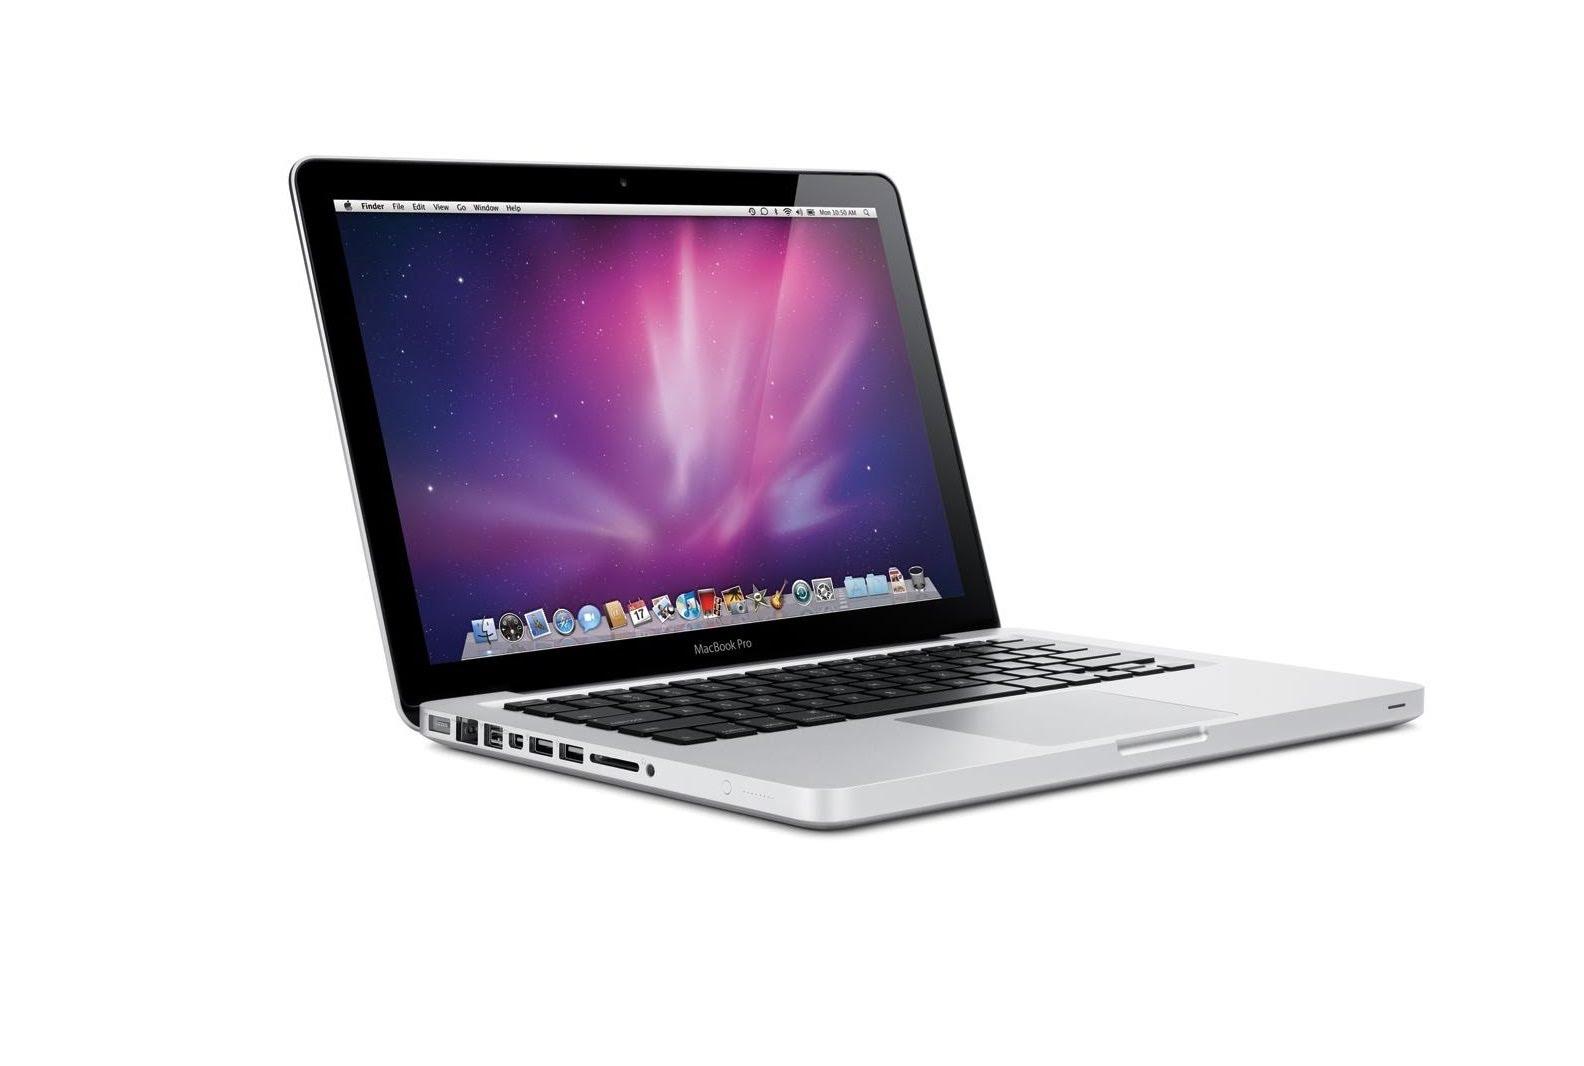 【予約販売】【送料無料】【中古】MacBookPro/13インチ/Core2Duo/HDD320GB/メモリ4G/Mid2010(A1278)MC374J/A